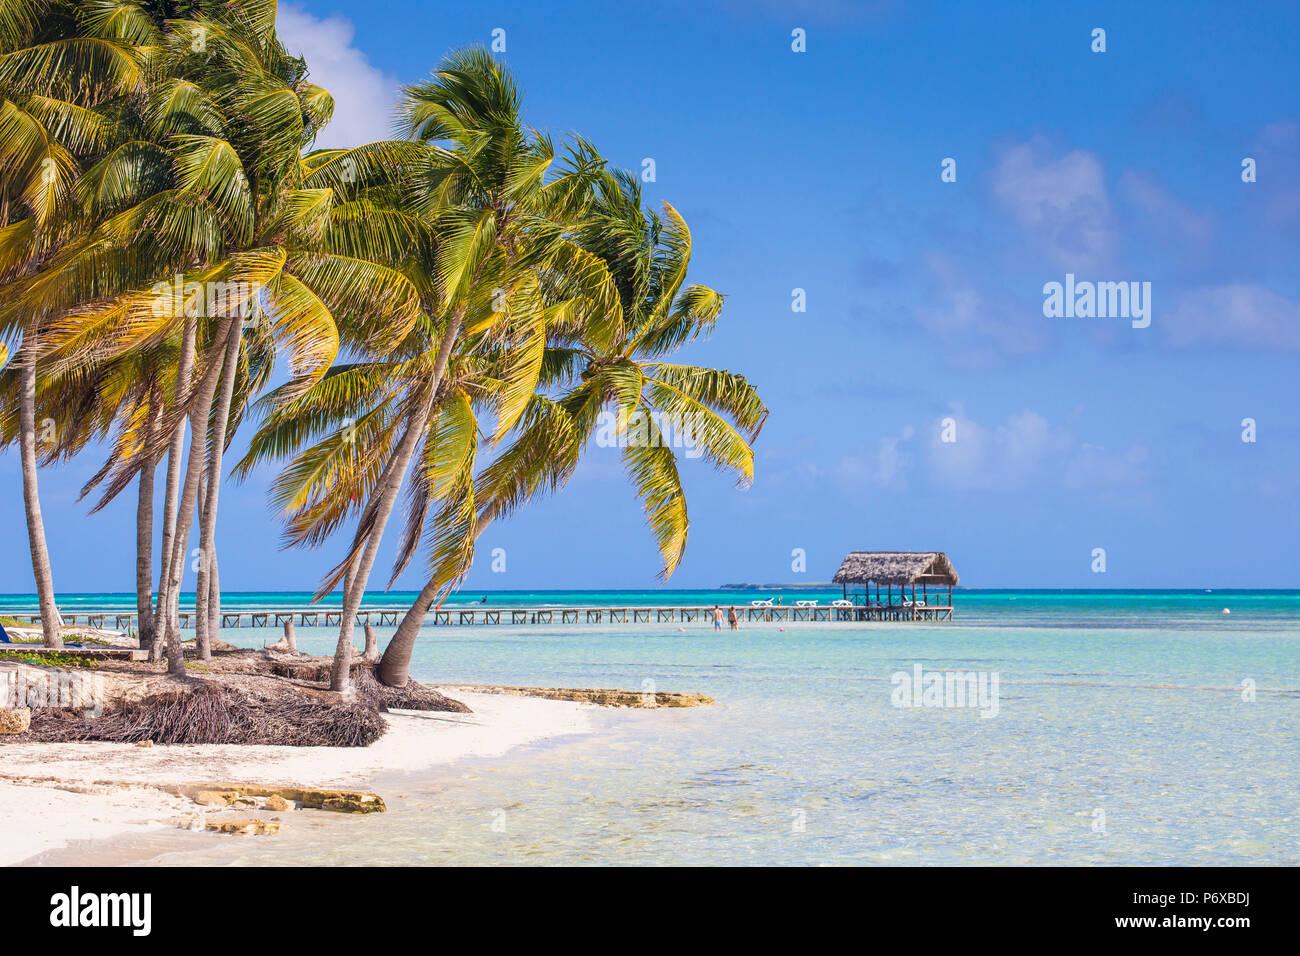 Cuba Jardines del Rey, Cayo Guillermo, Playa El Paso, des palmiers sur la plage de sable blanc Photo Stock